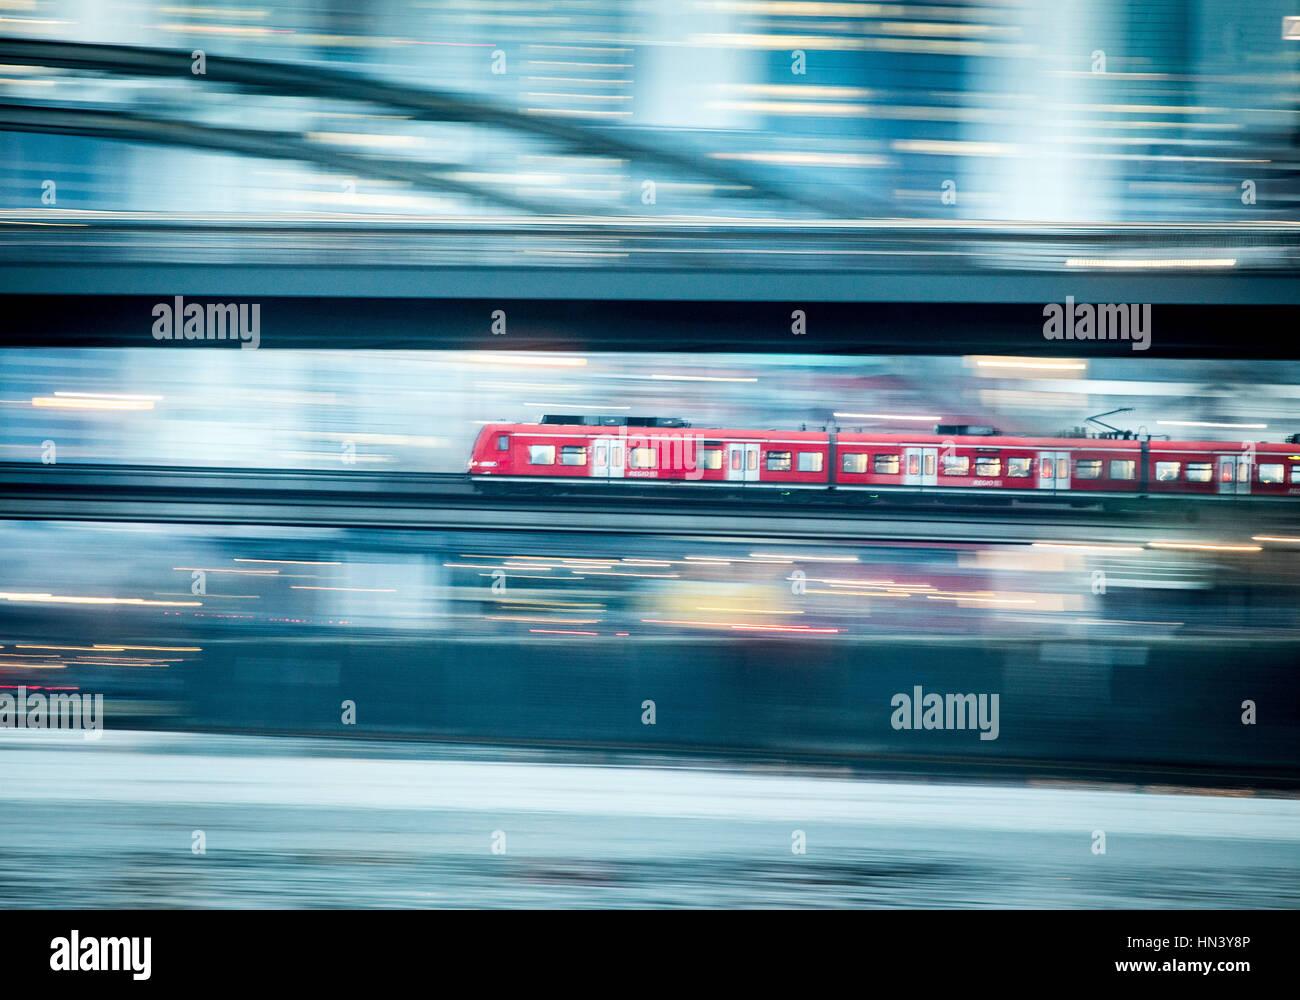 ARCHIV - Ein Regionalzug rollt am 31.01.2017 in Frankfurt am Main (Hessen) früh morgens auf einer Eisenbahnbrücke - Stock Image